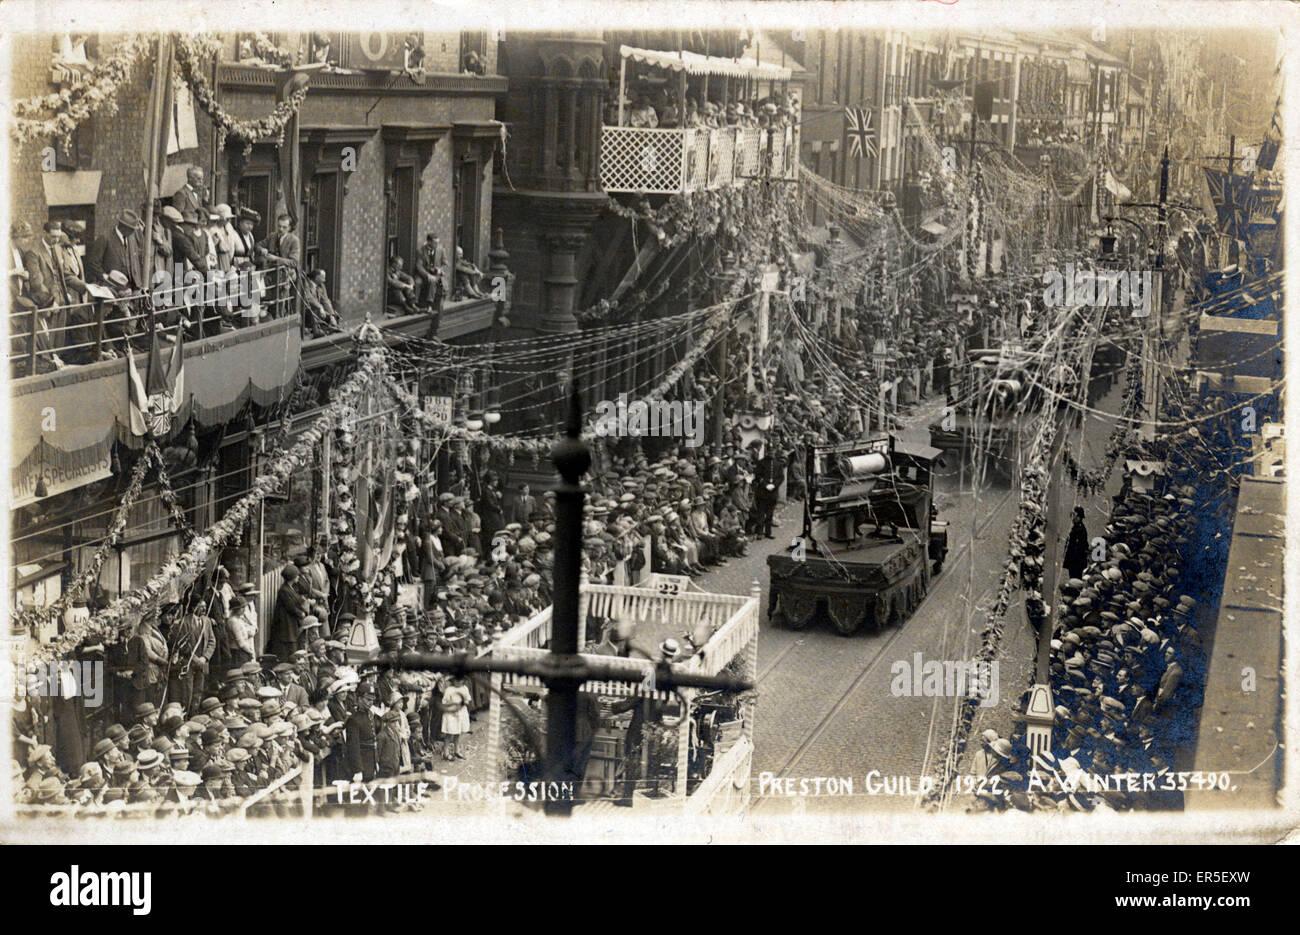 Procession du textile, Preston, Lancashire, Angleterre. Célébrations de la Semaine de la Guilde 1922 Banque D'Images